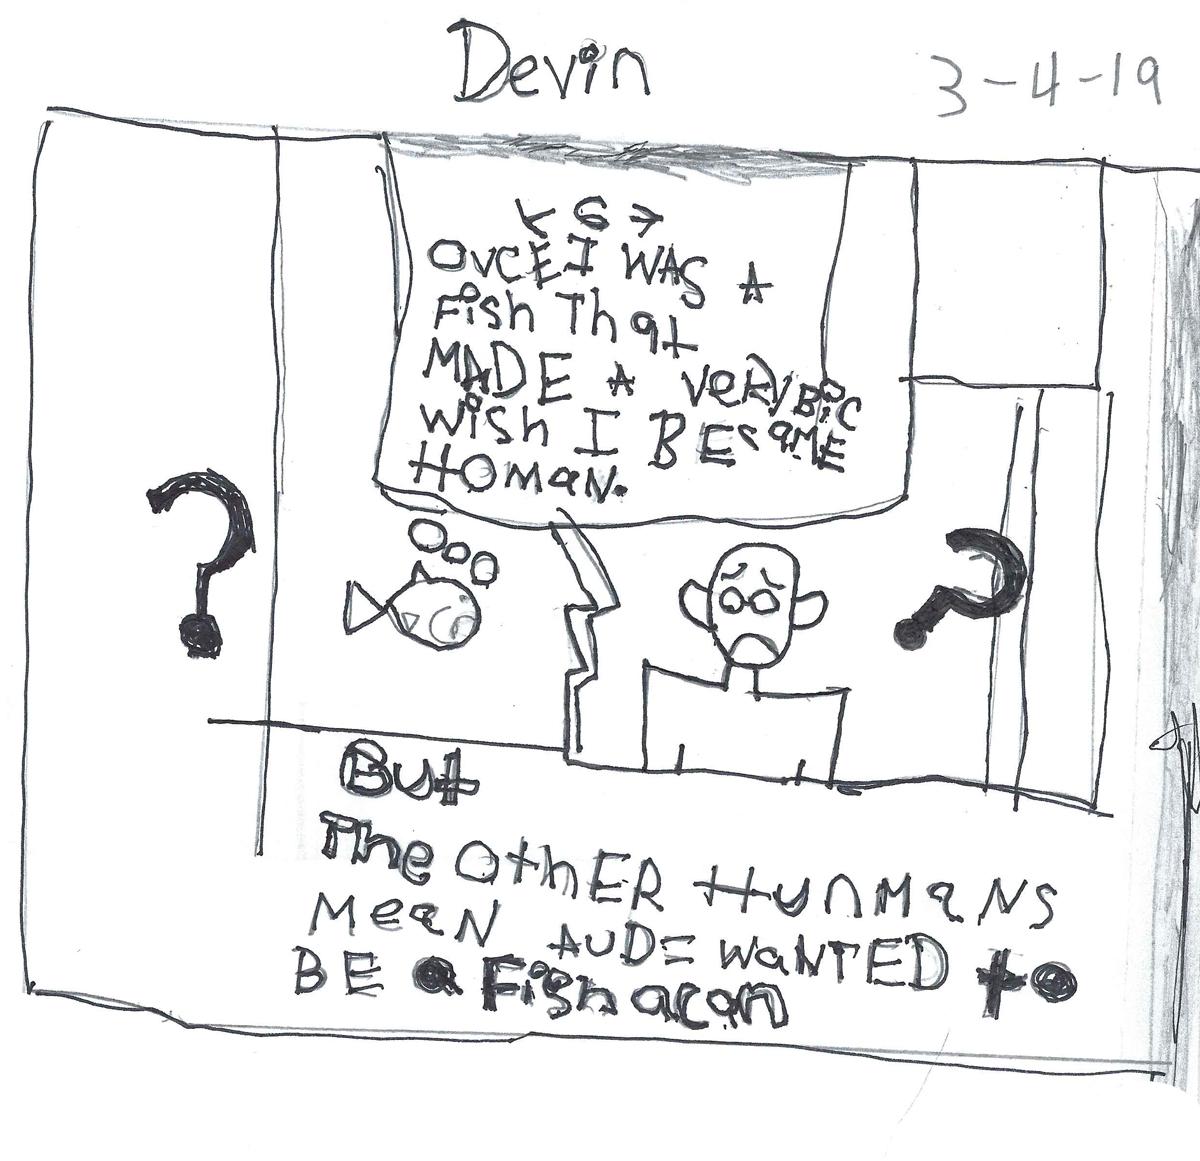 DEVIN M 1